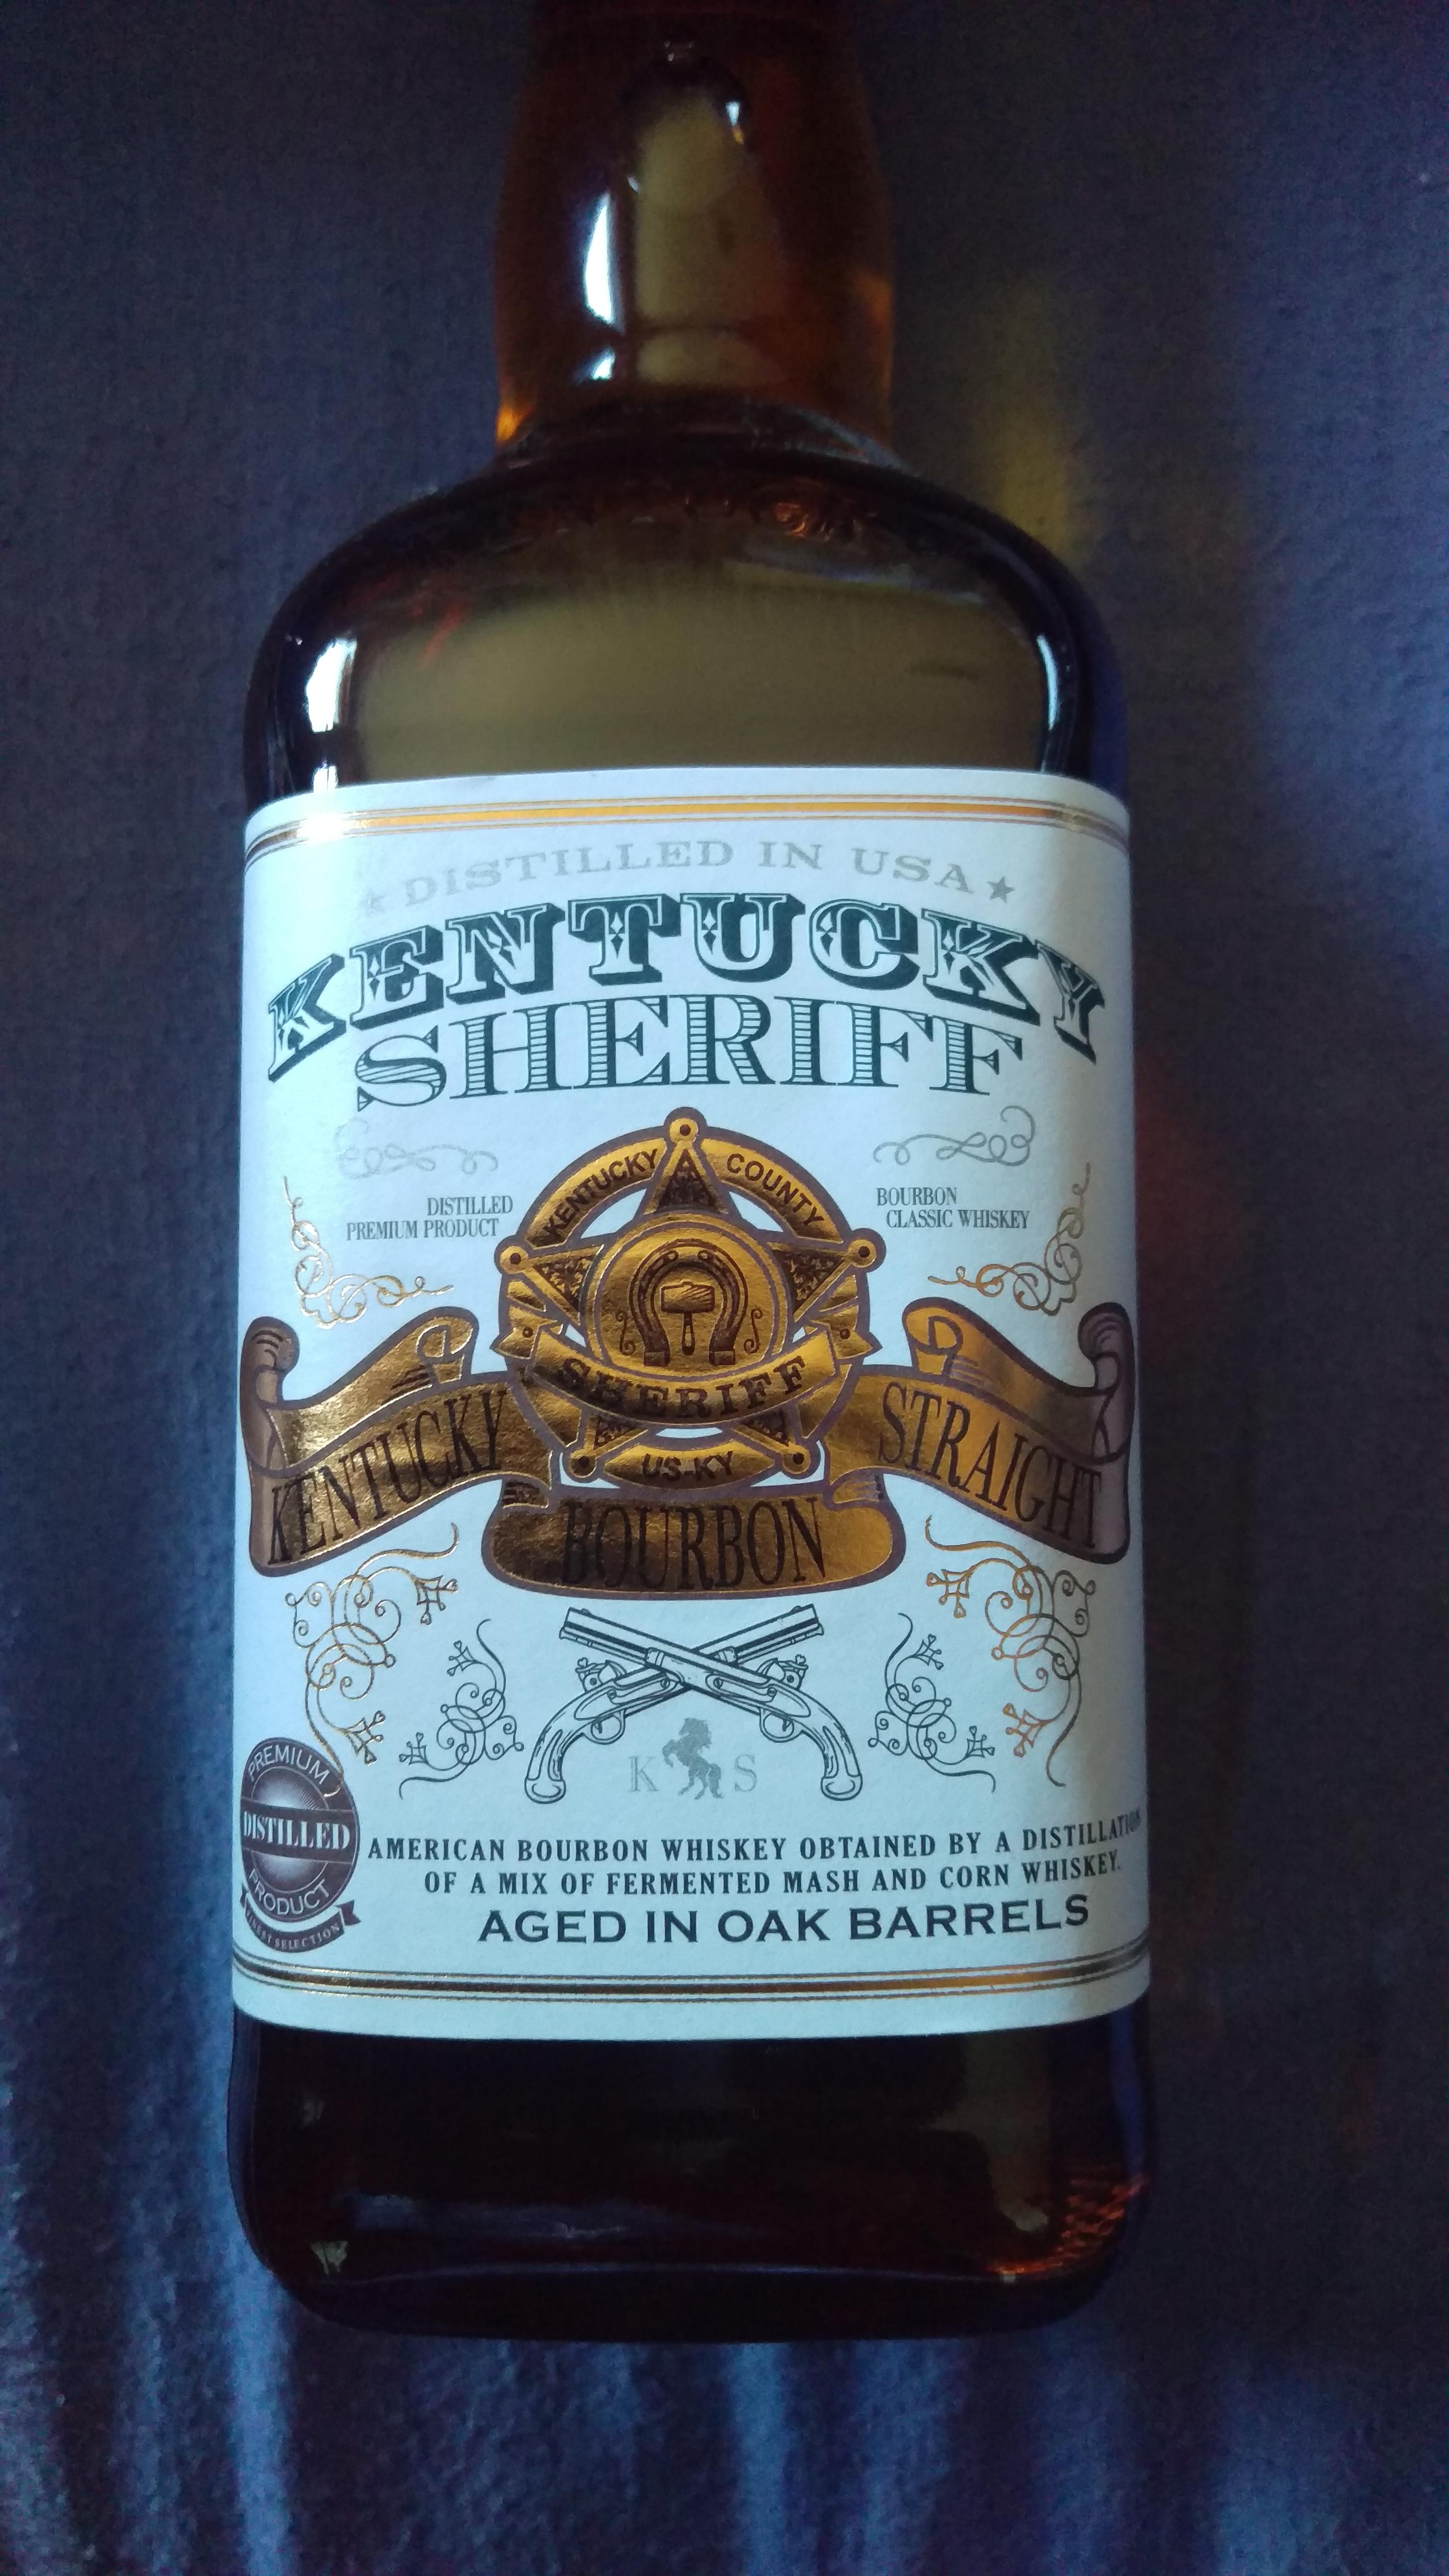 Kentucky Sheriff